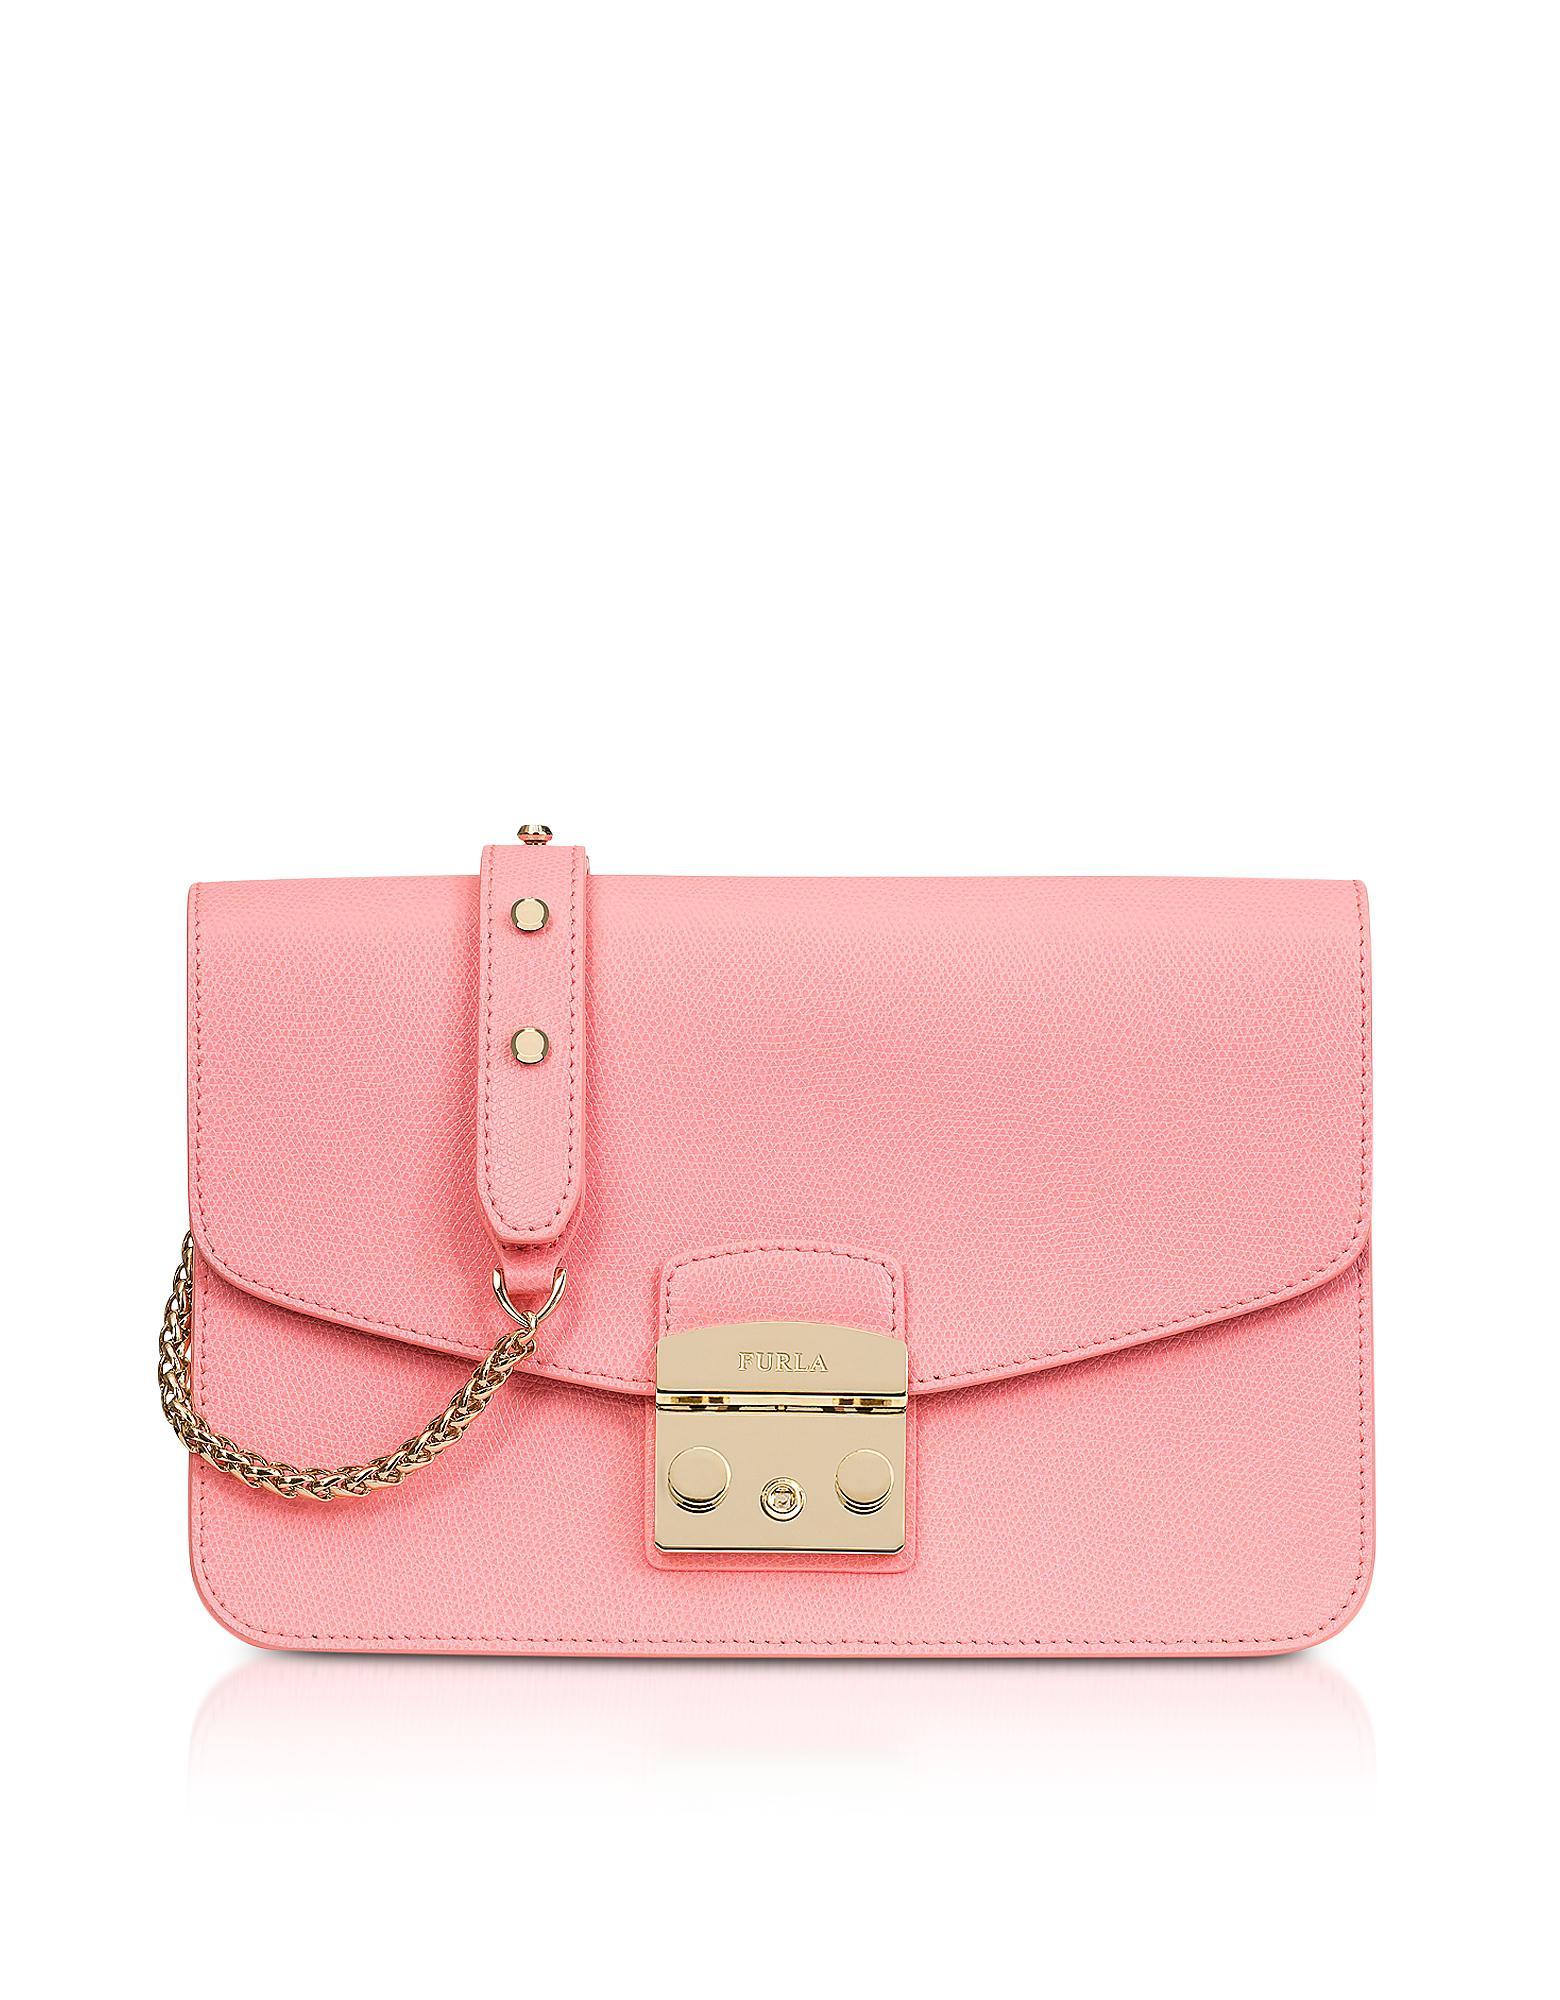 Furla Rose Quartz Leather Metropolis Small Shoulder Bag in Pink - Lyst 3b9e6d5308a00